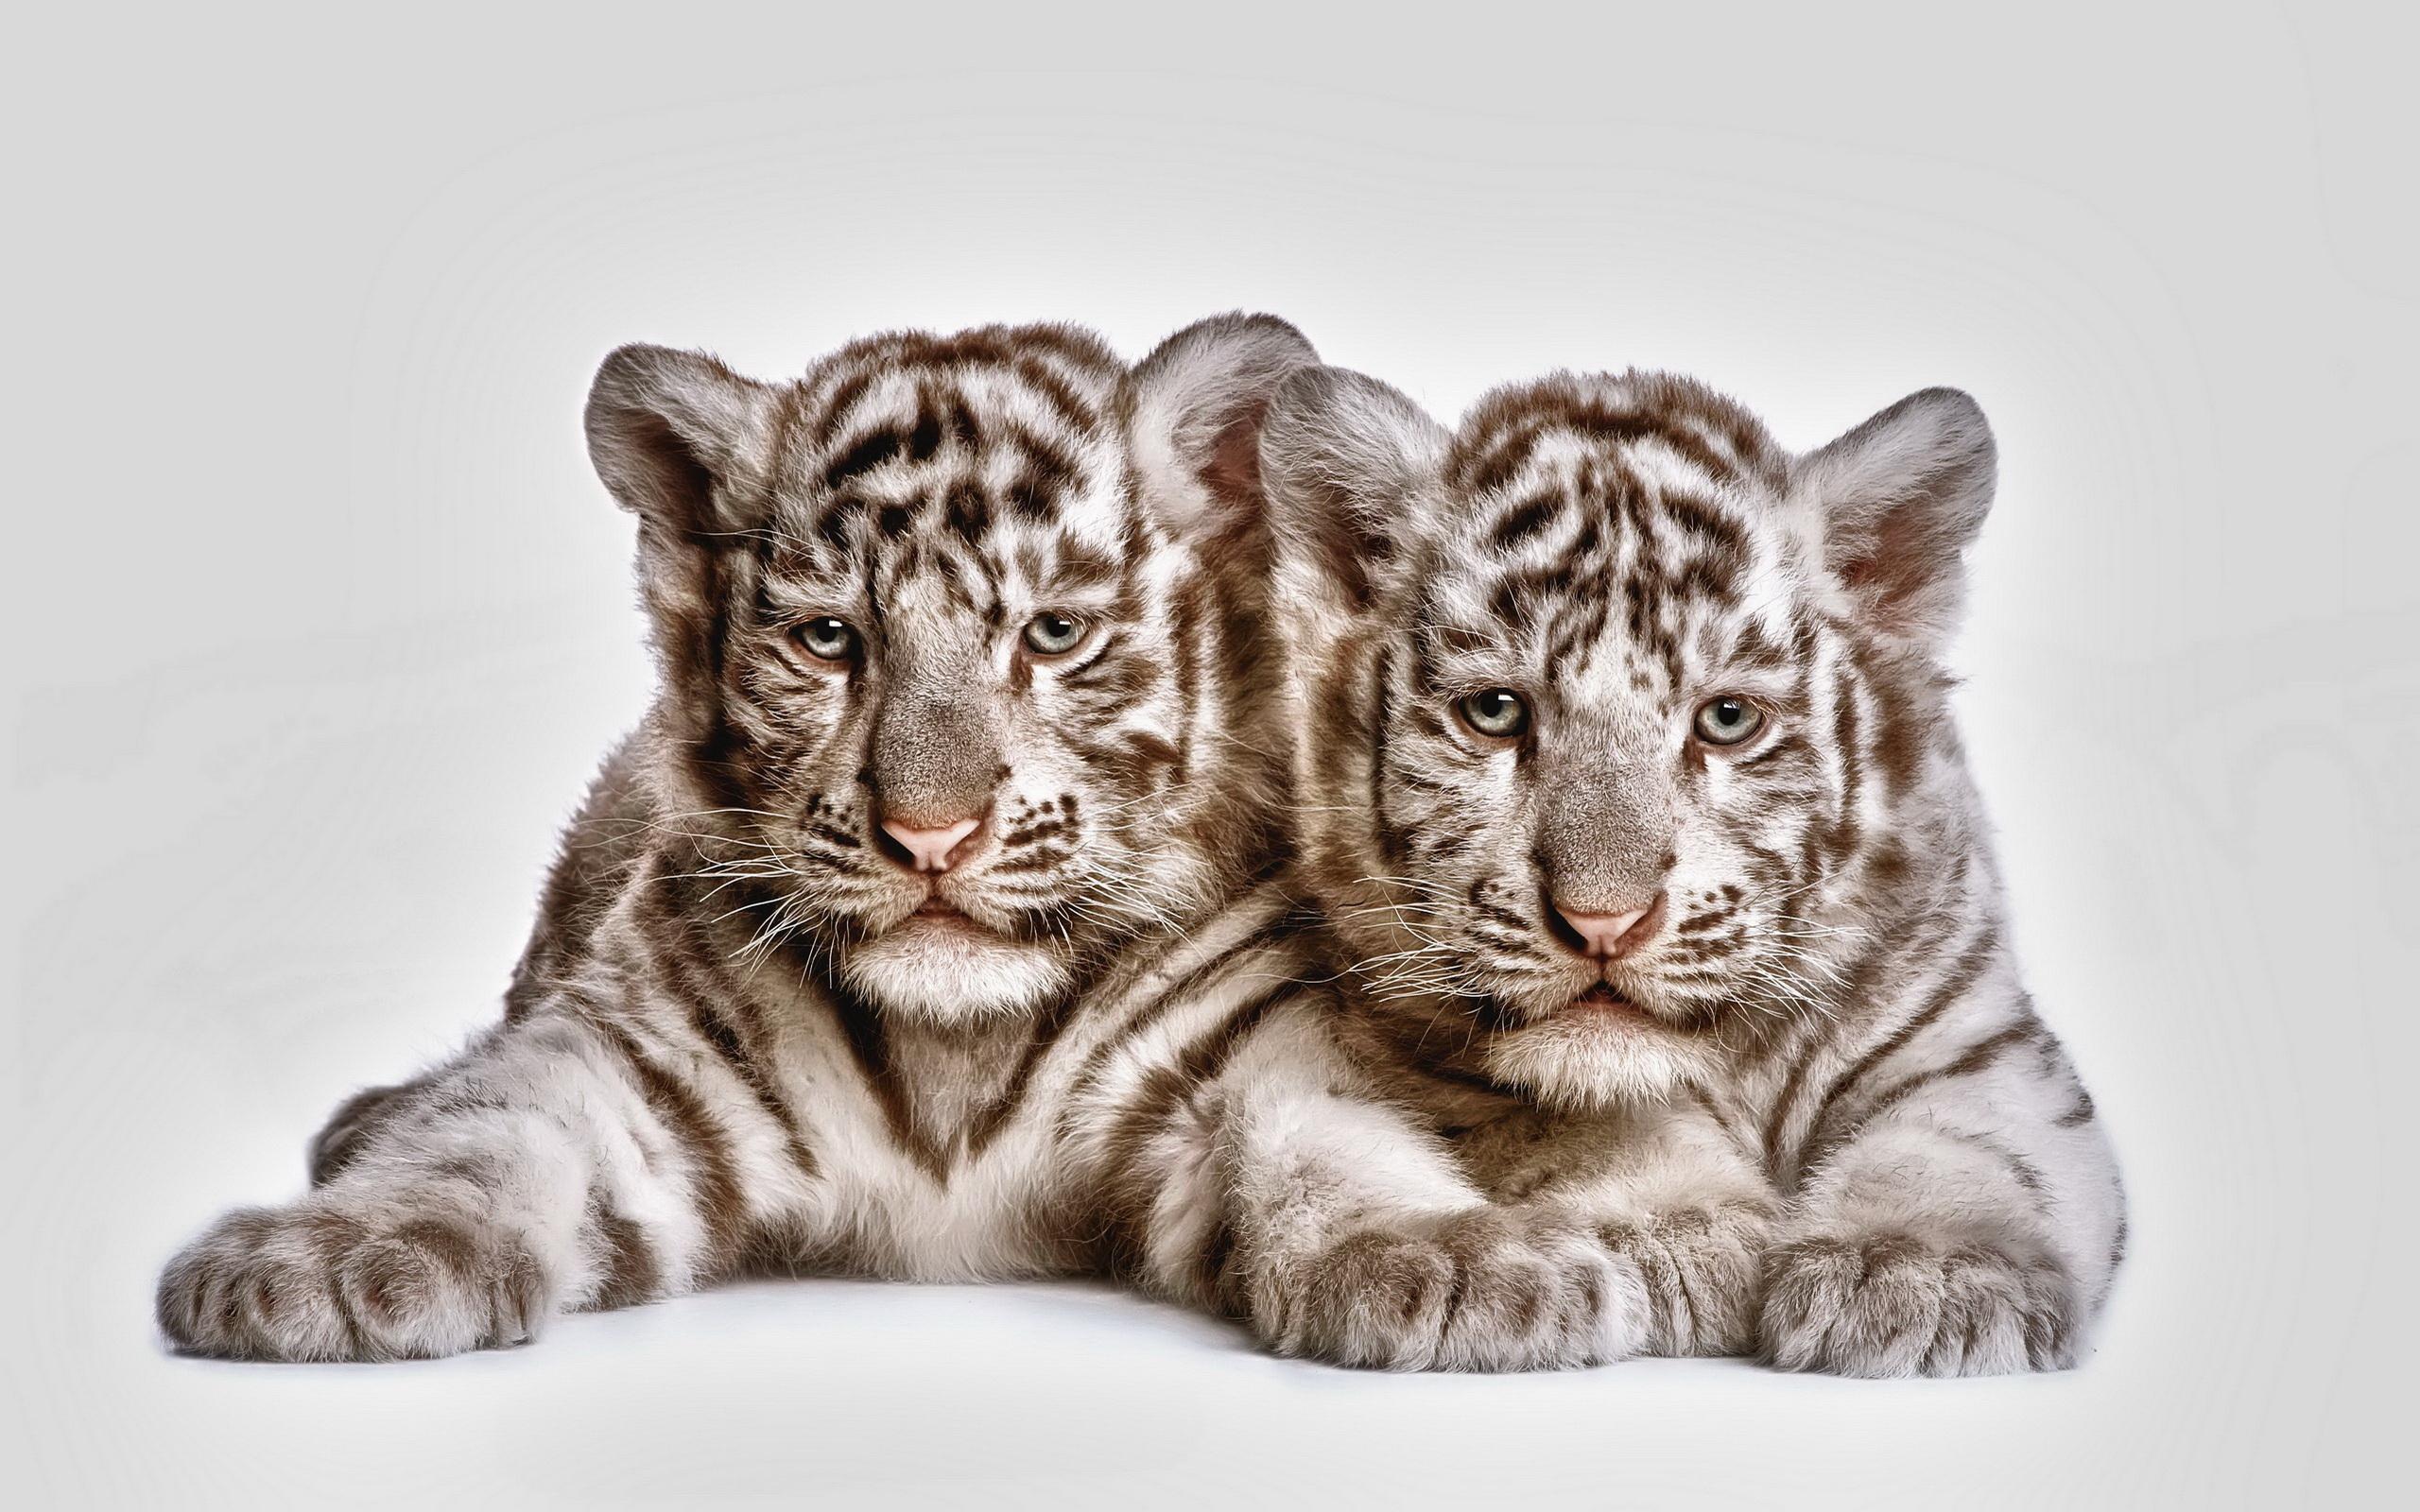 Animal   White Tiger Tiger Cub Cubs Cat Animal Wallpaper 2560x1600